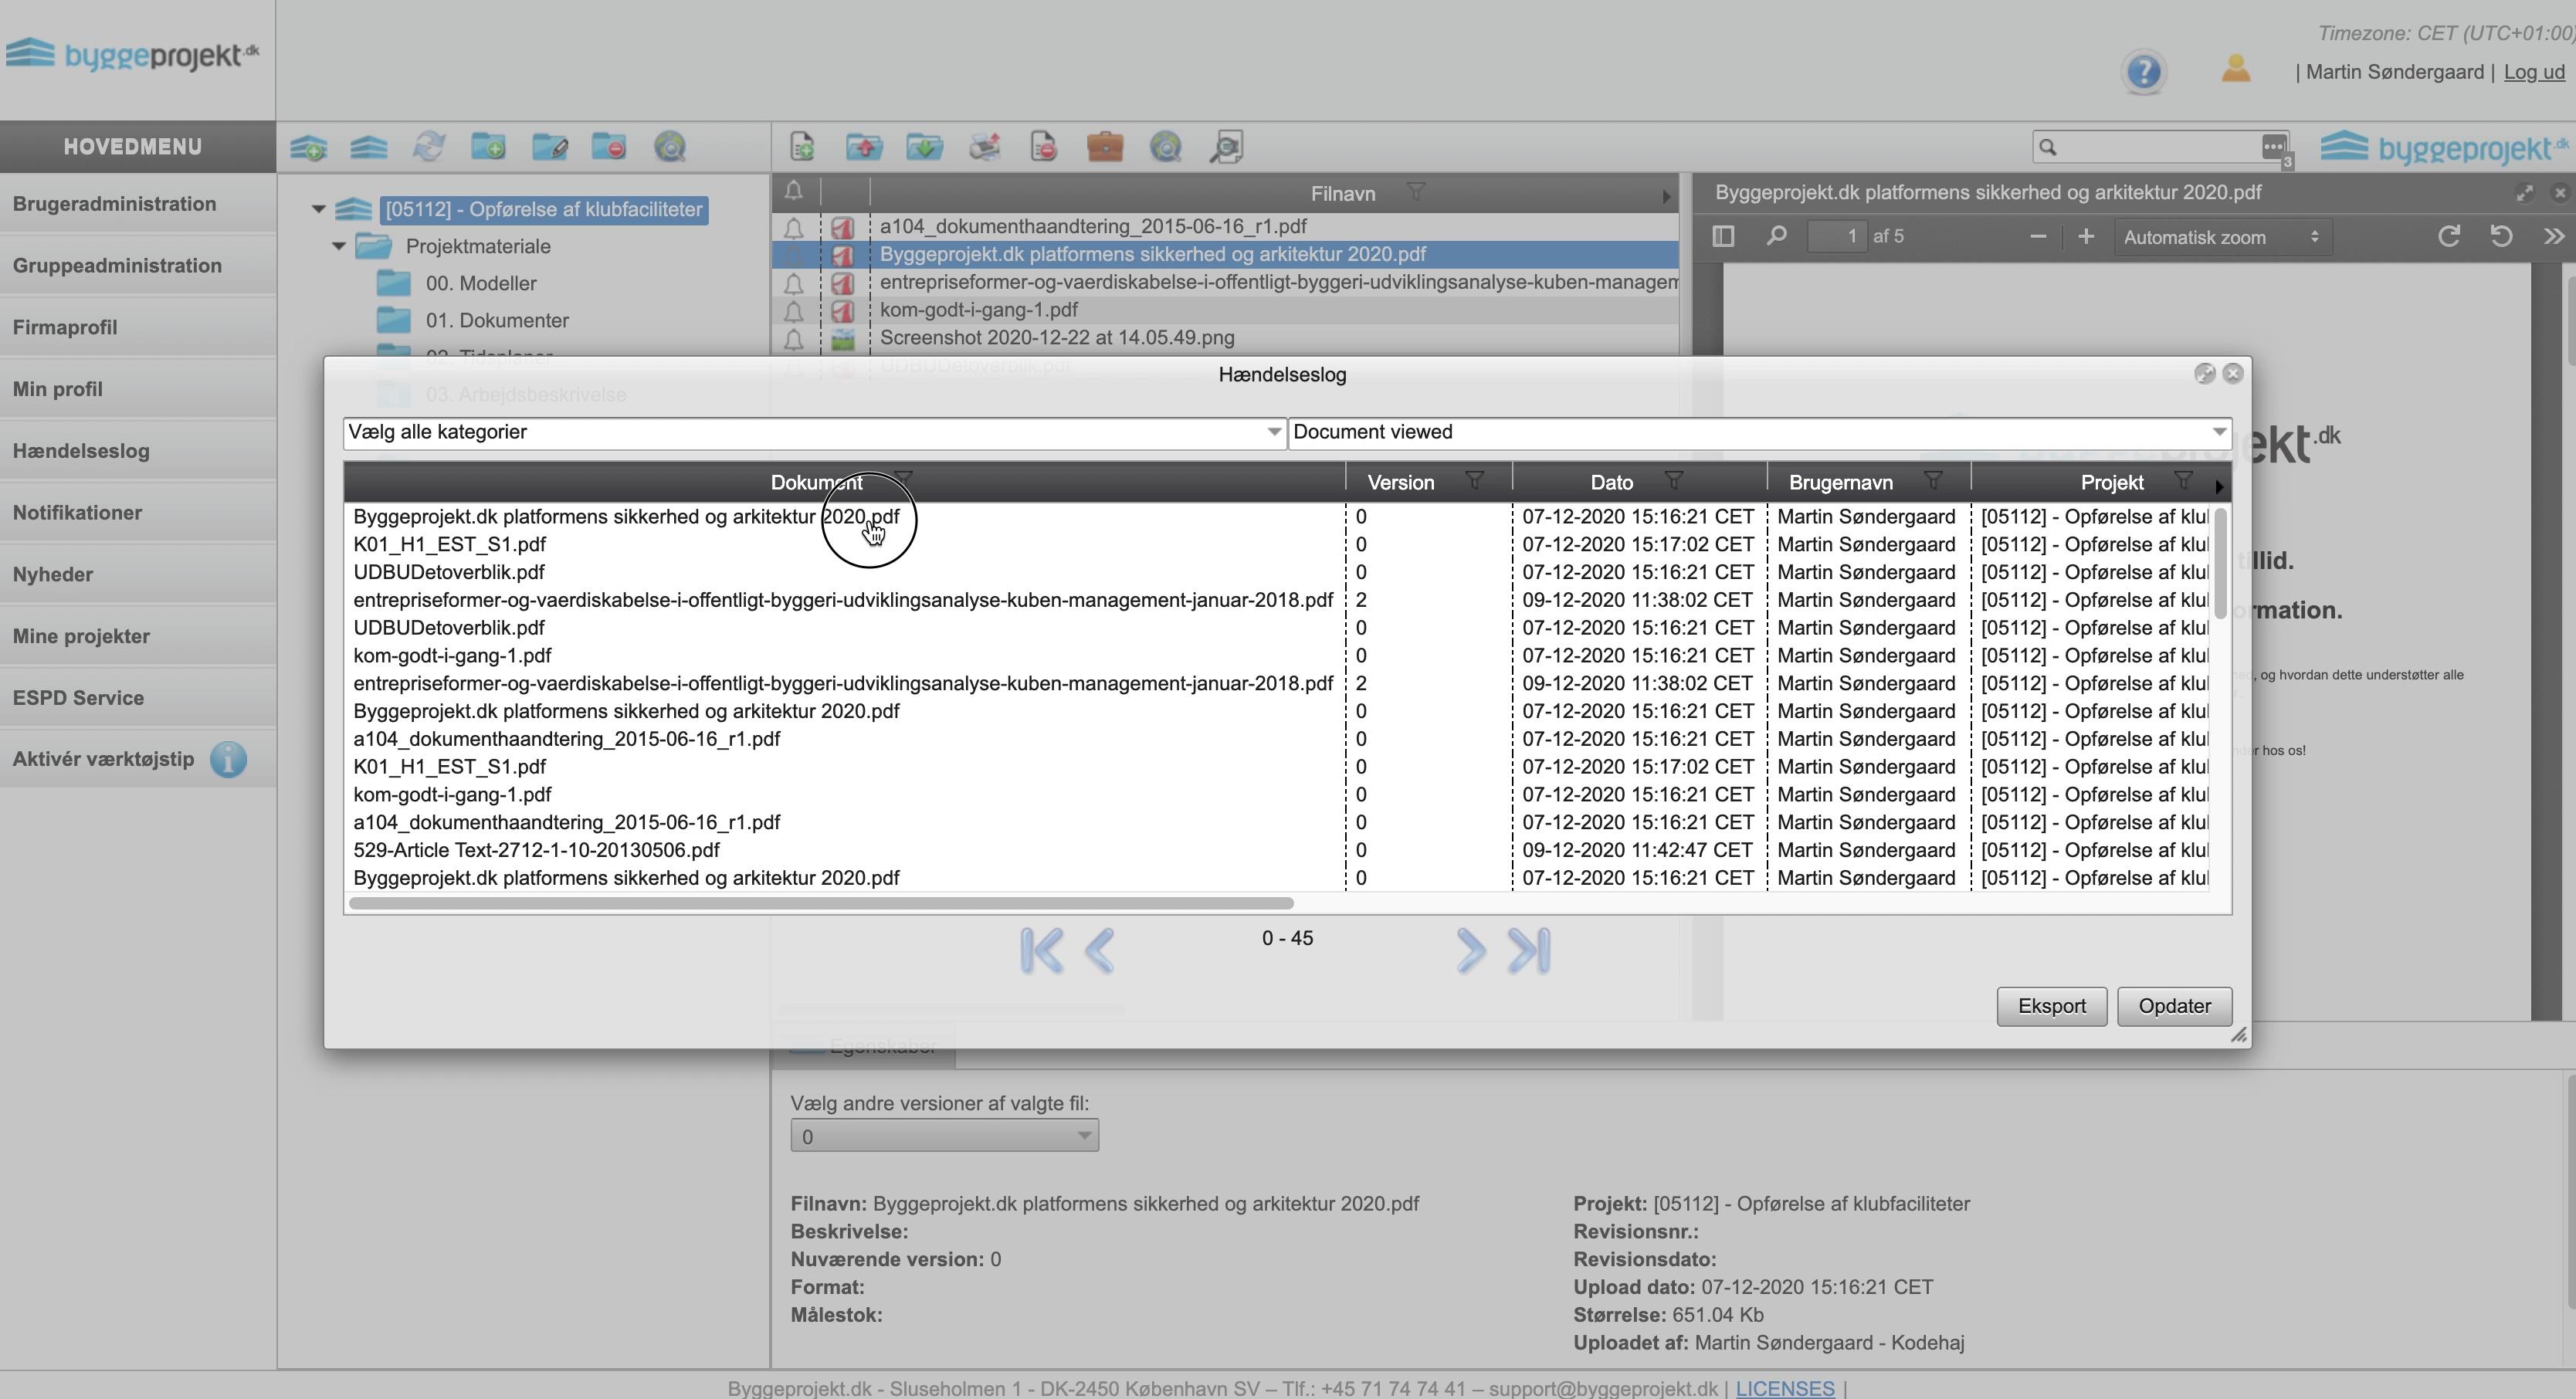 pdf-viewer-hændelseslog